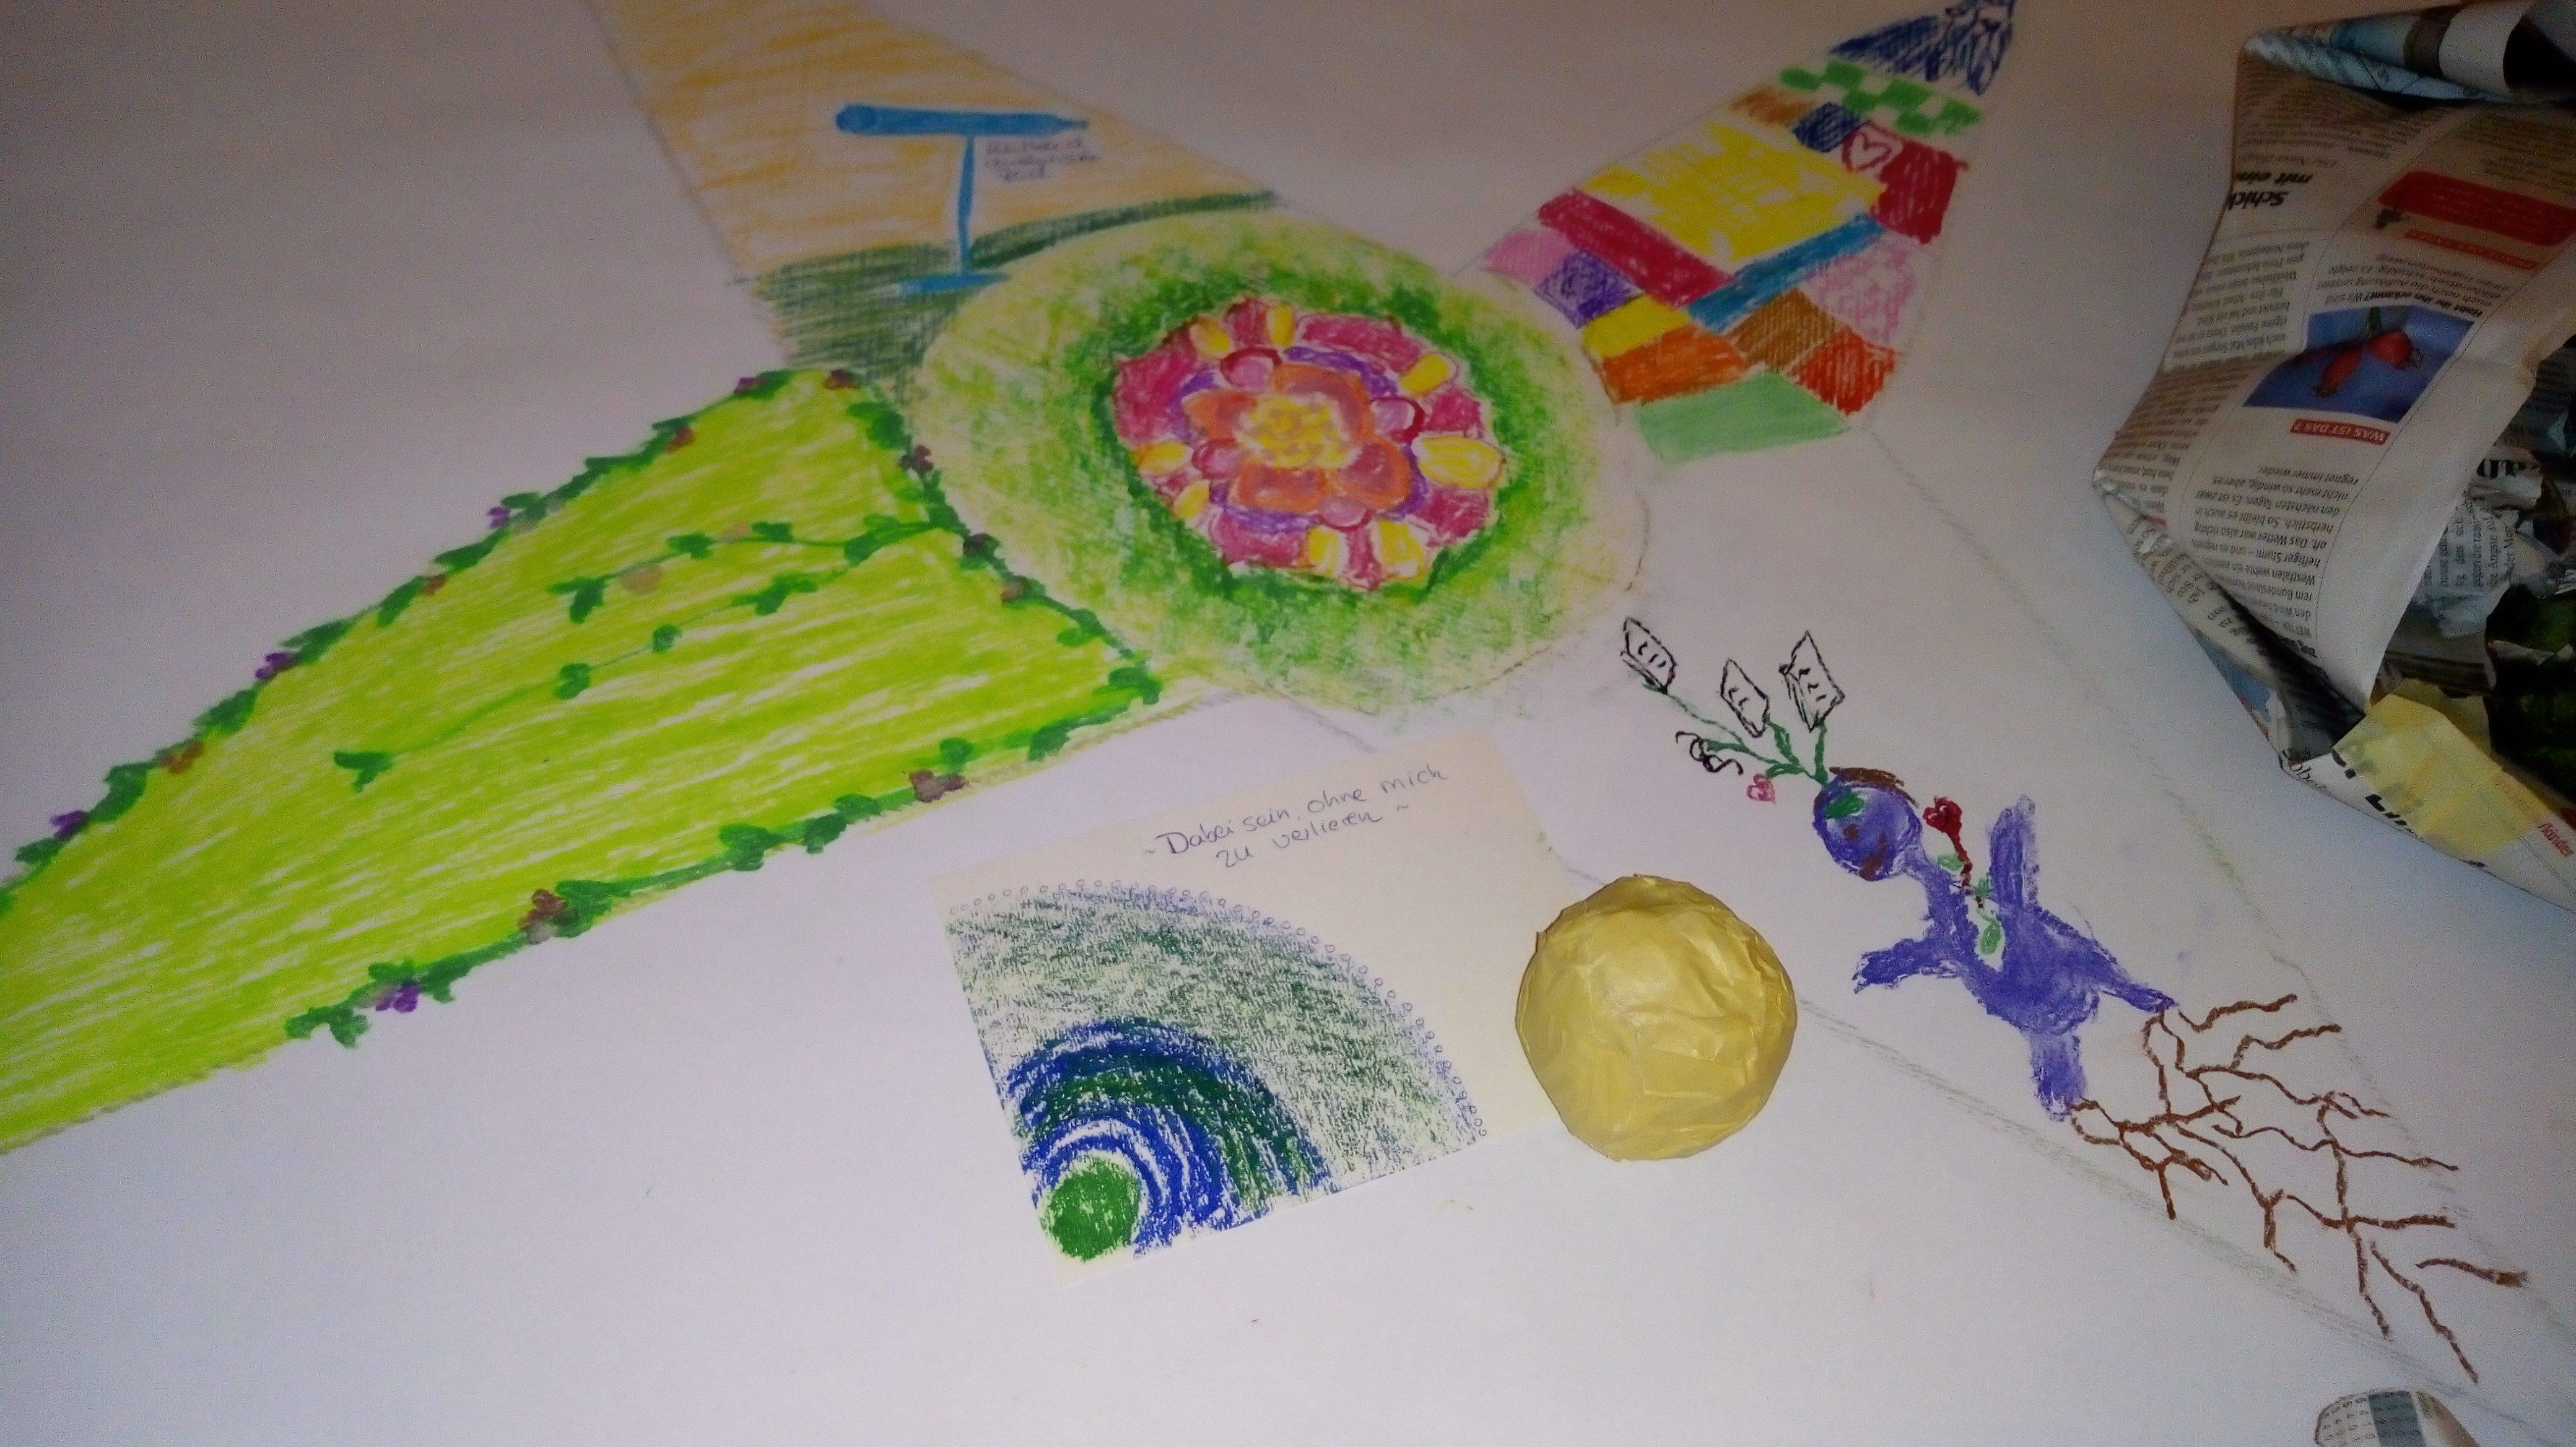 So etwas kann in einer Kunsttherapie-Sitzung entstehen